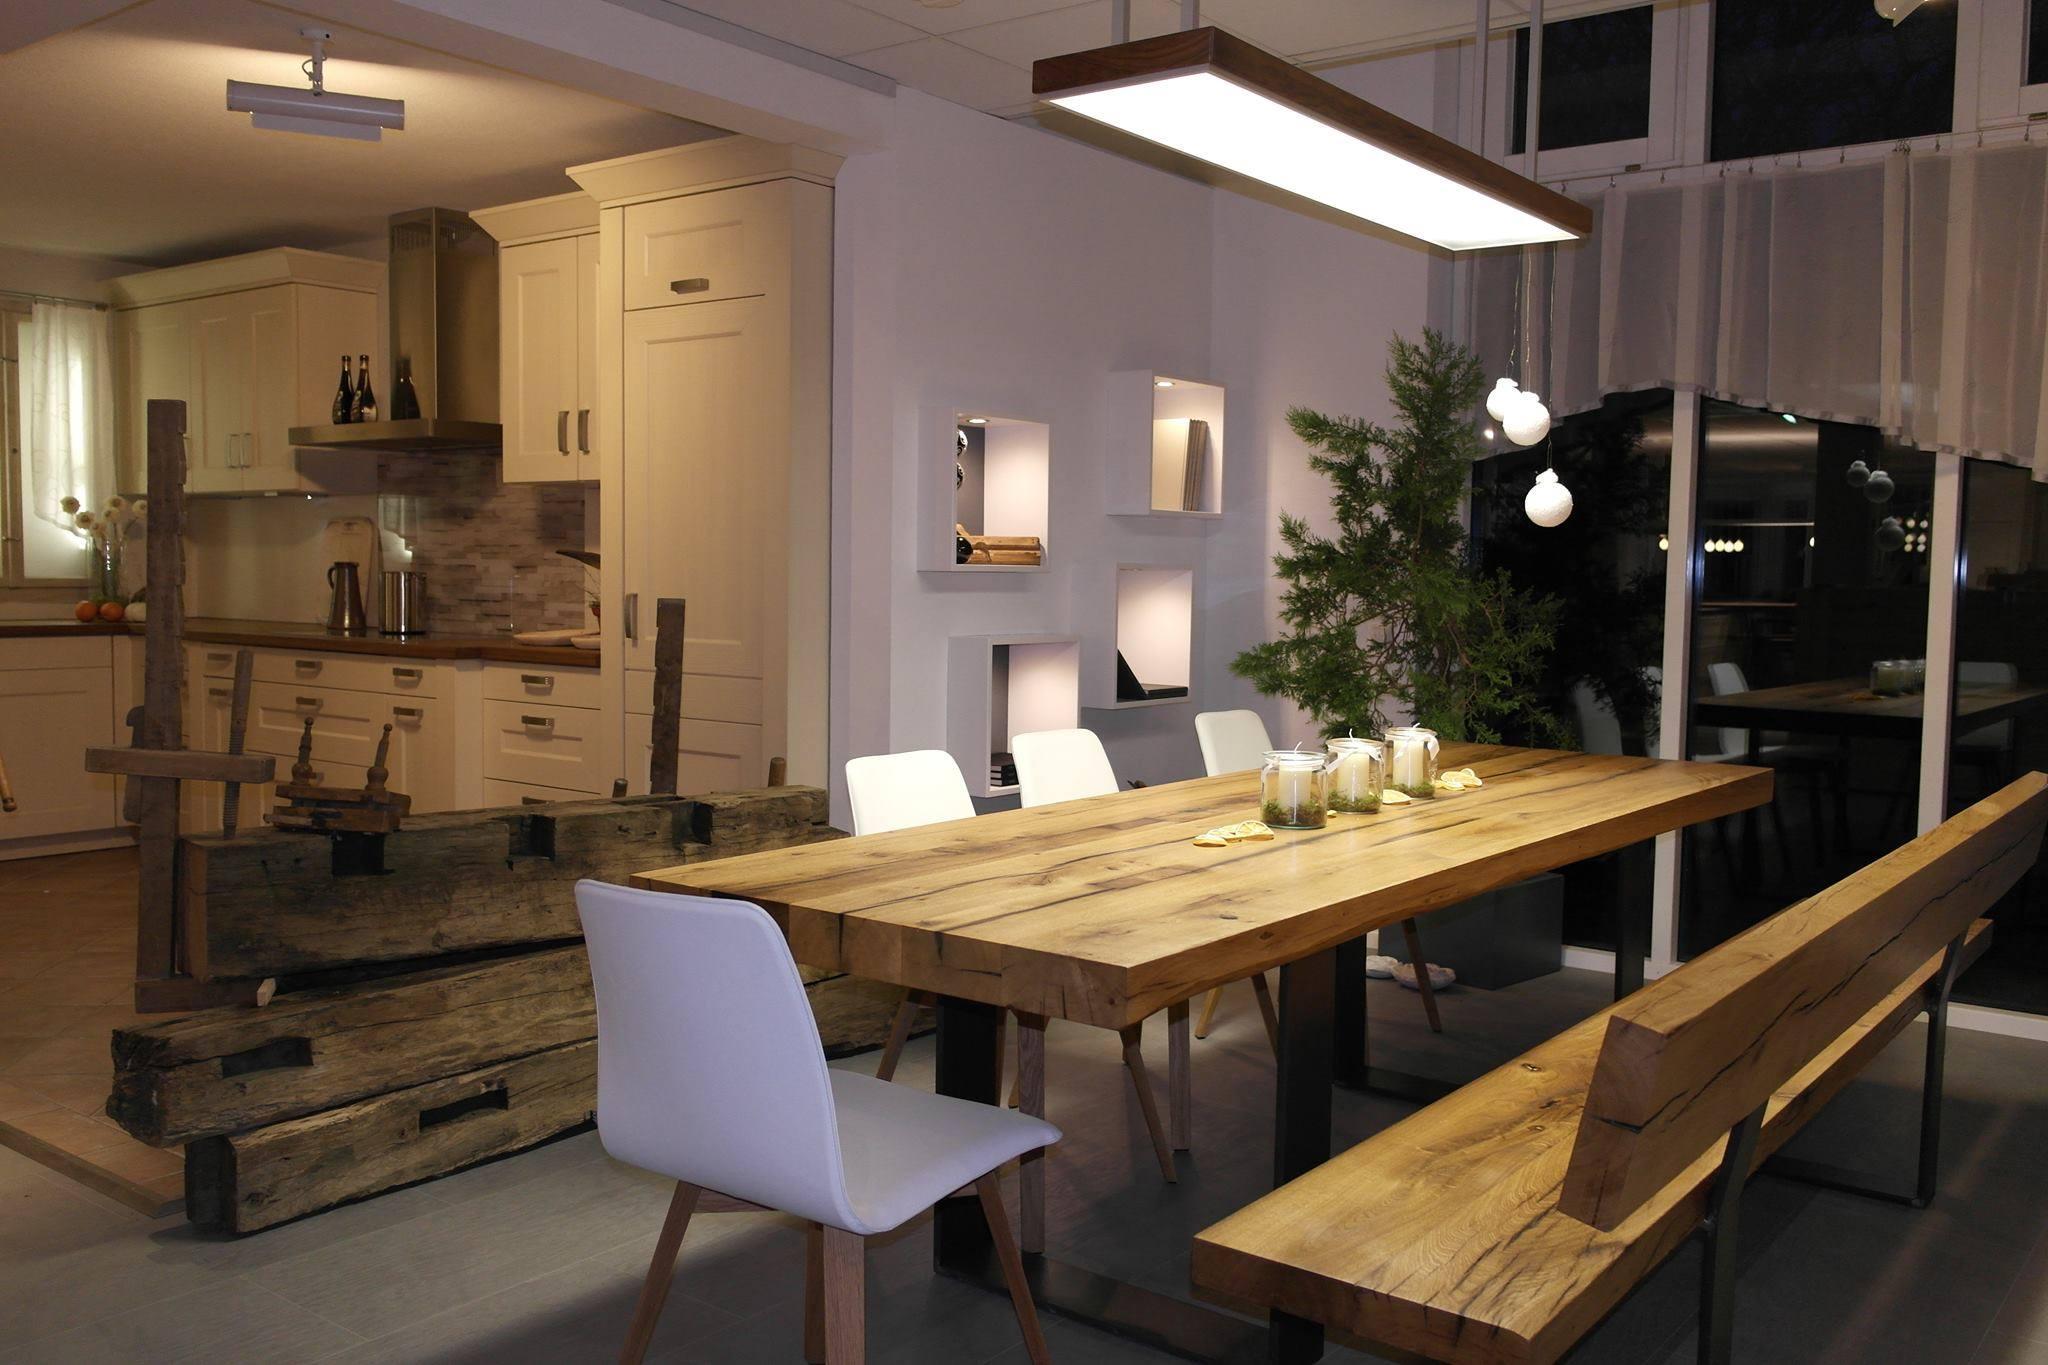 schreinerei braig in allmendingen bei ulm. Black Bedroom Furniture Sets. Home Design Ideas